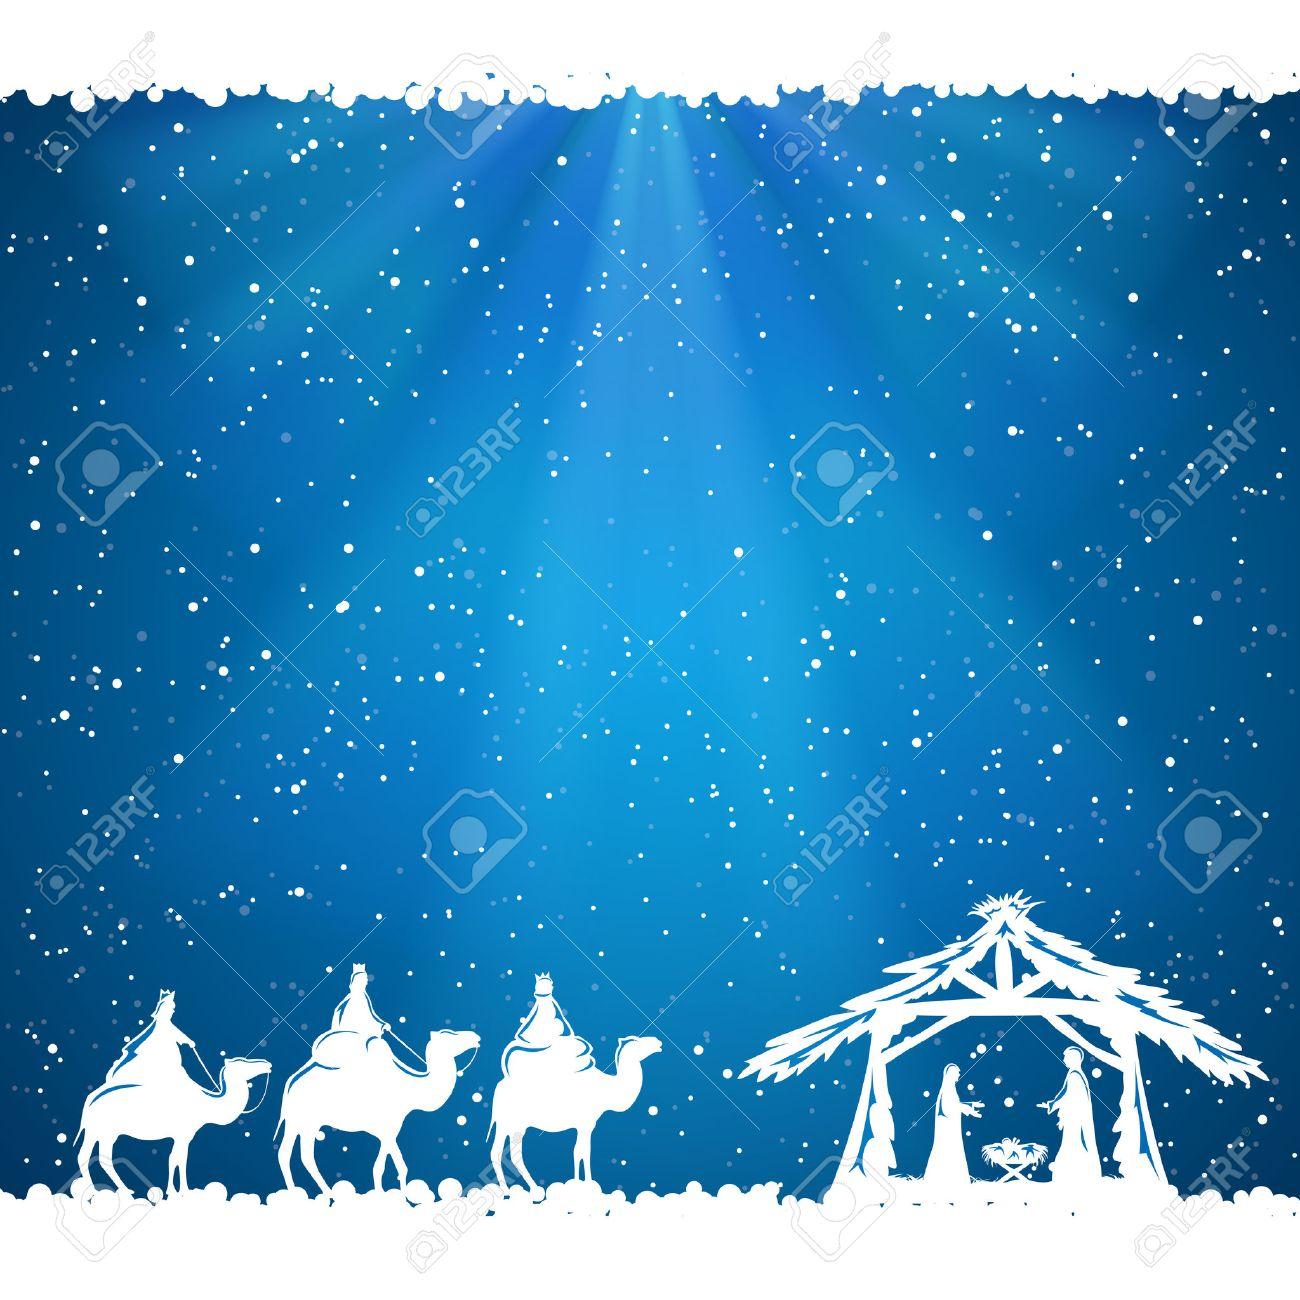 Christian Christmas scene on blue background, illustration. - 46044497